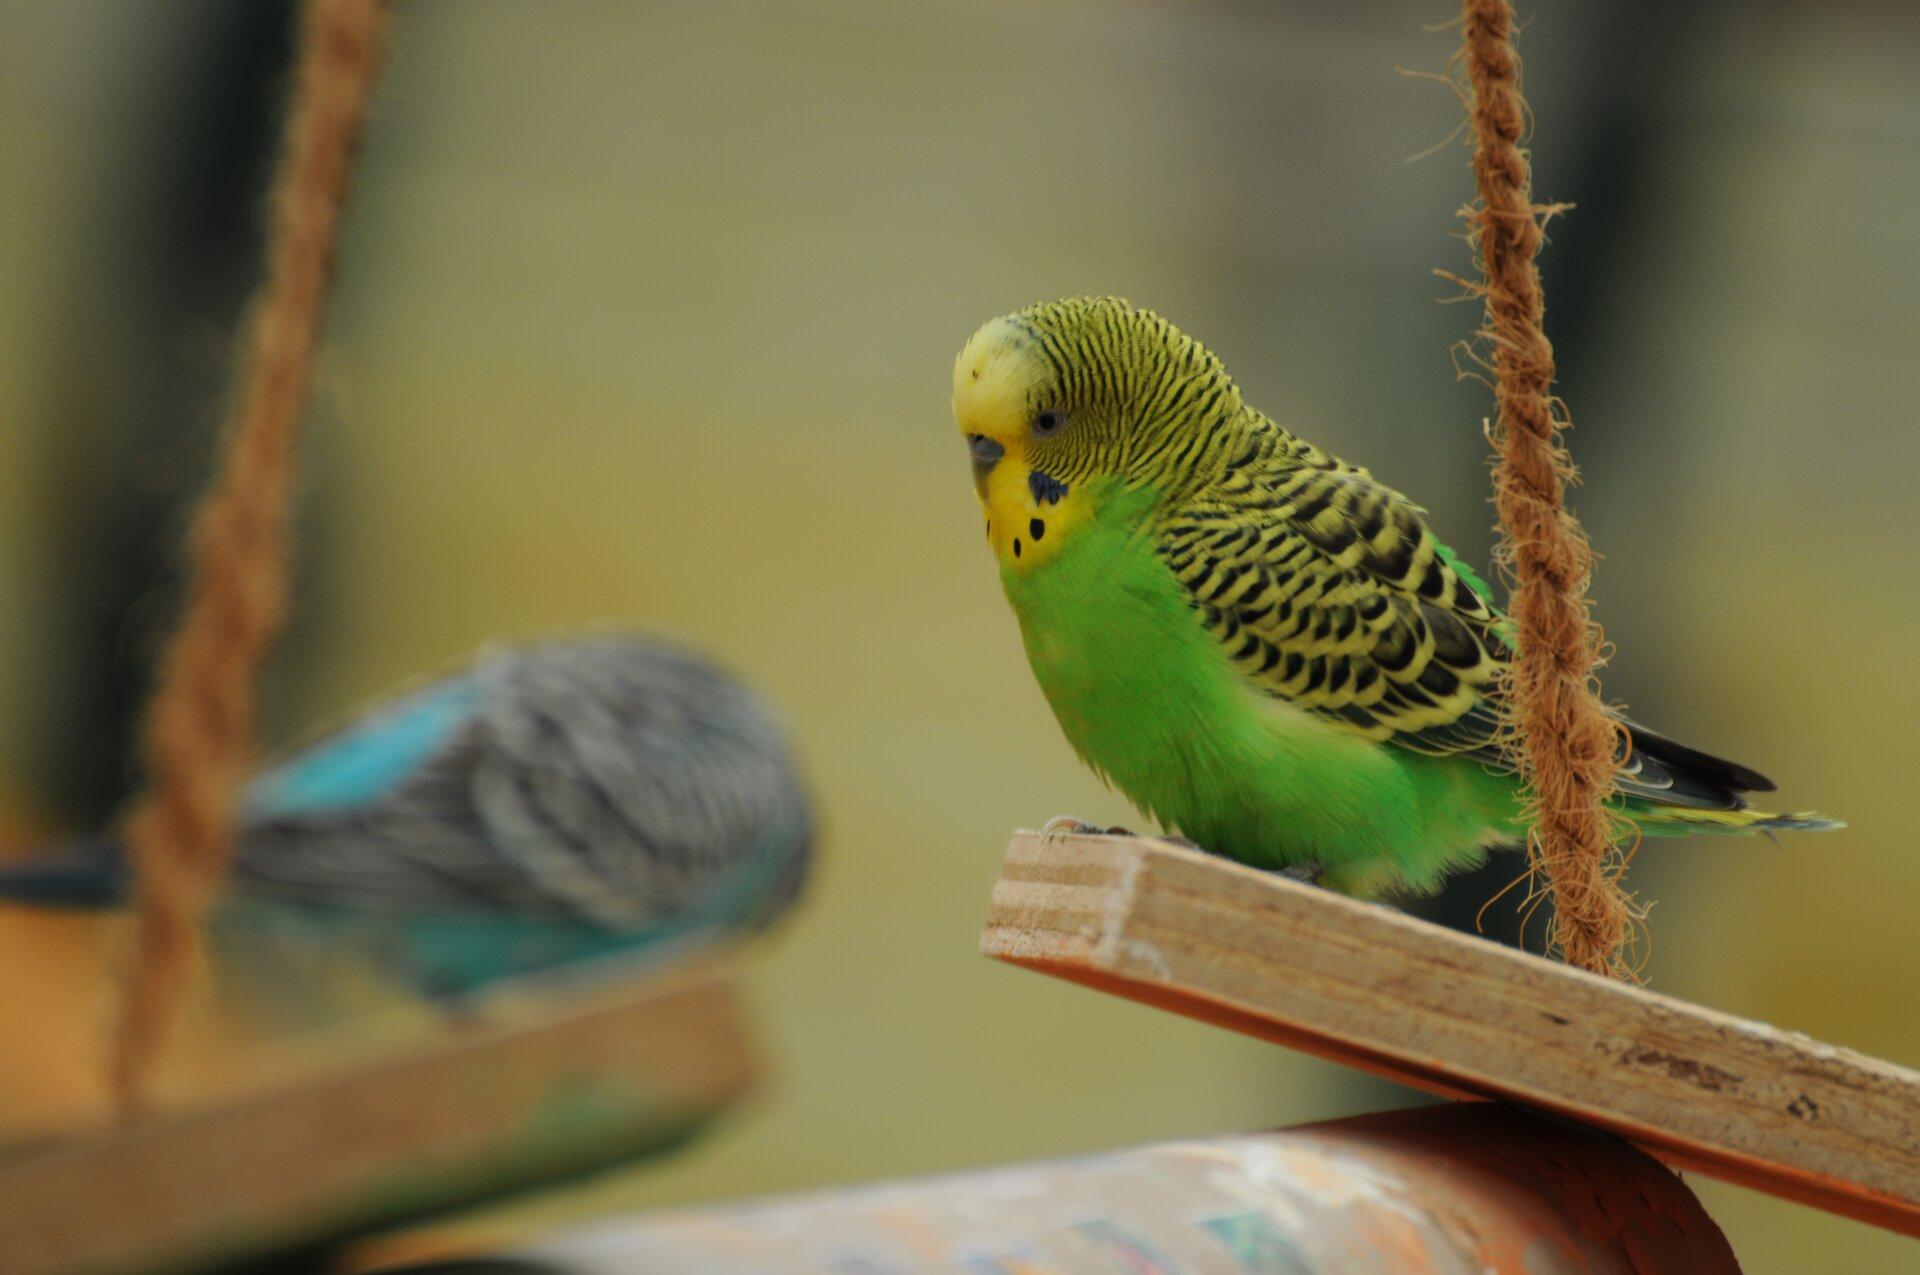 Fotografia prezentuje zielono ,żółto, czarną papużkę falistą siedzącą na huśtawce.